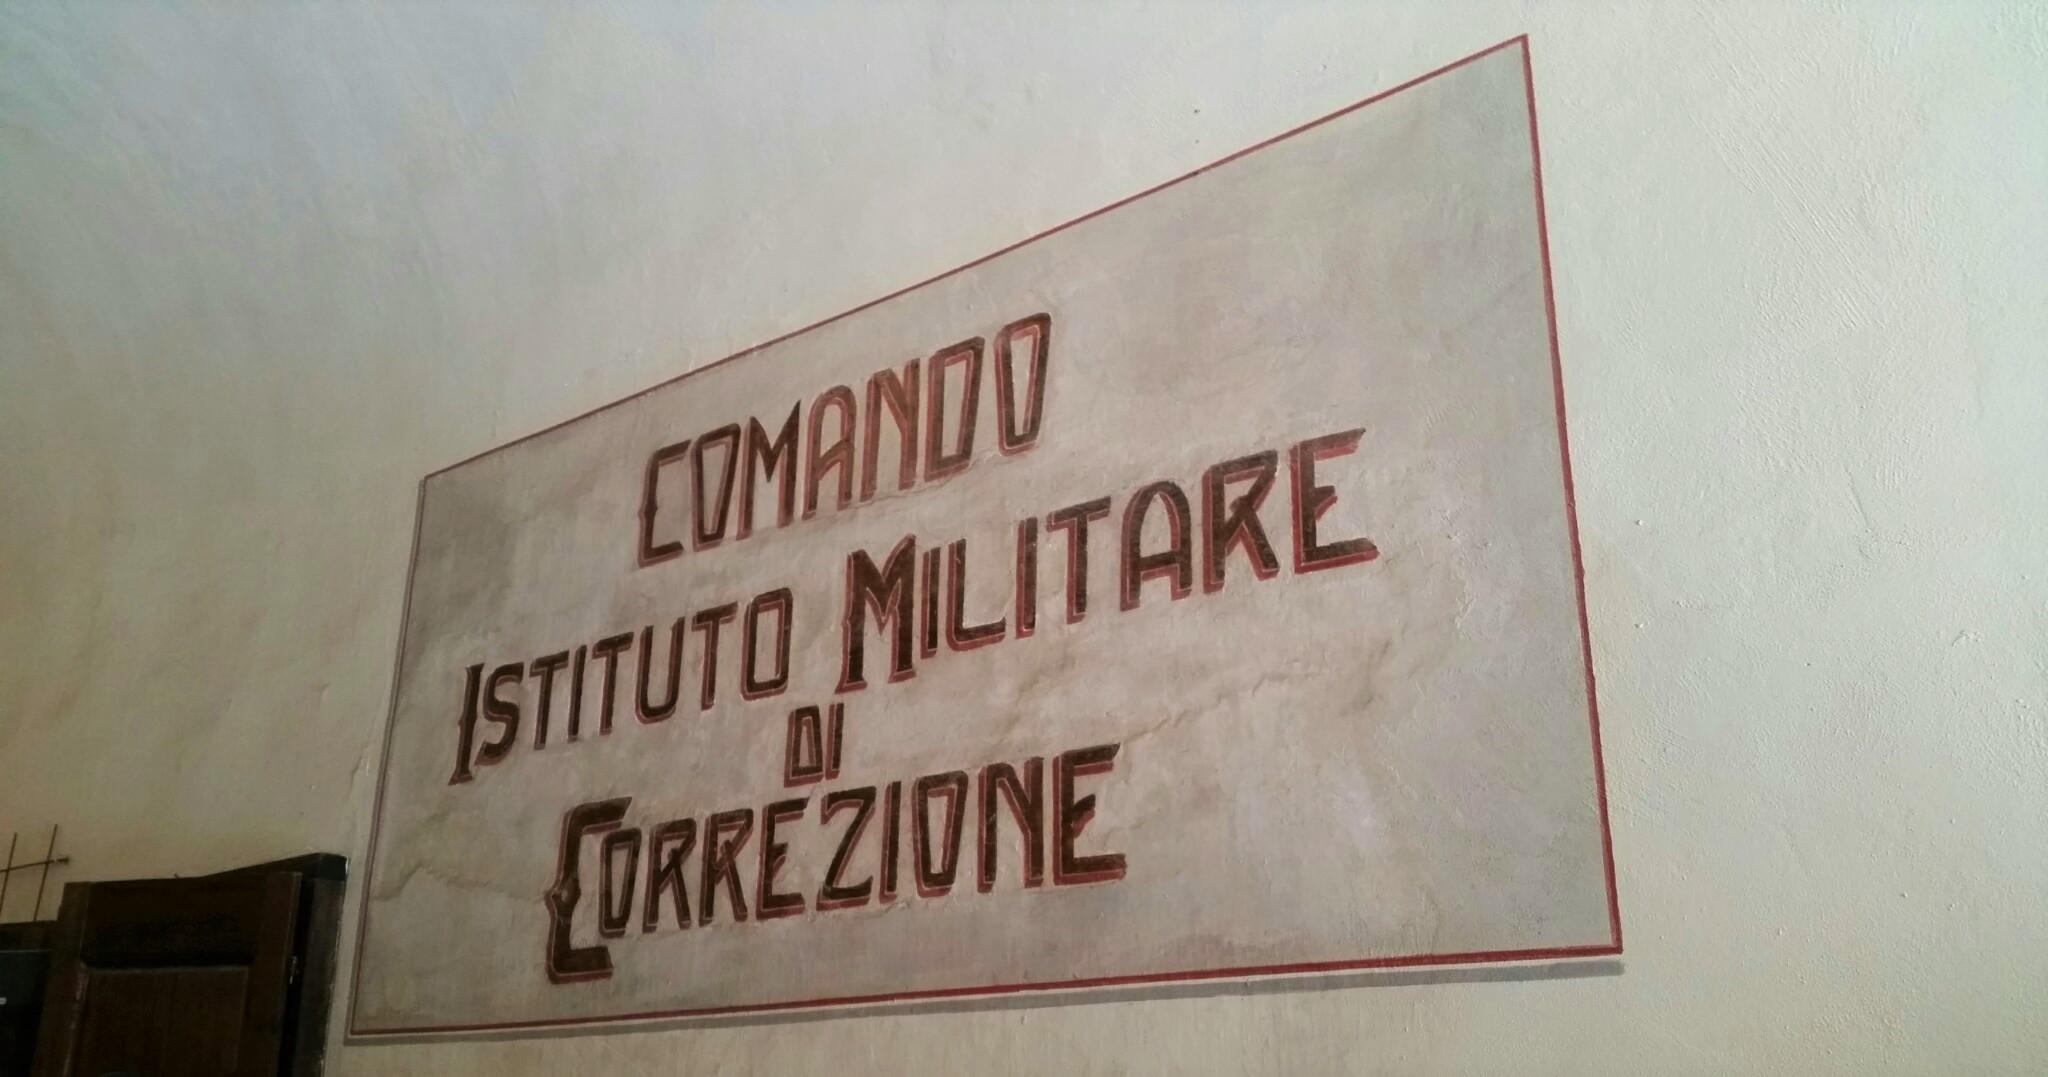 Giustizia militare nel Piemonte post-unitario: il soldato recidivo Angelo Marchesi, graziato due volte dal re